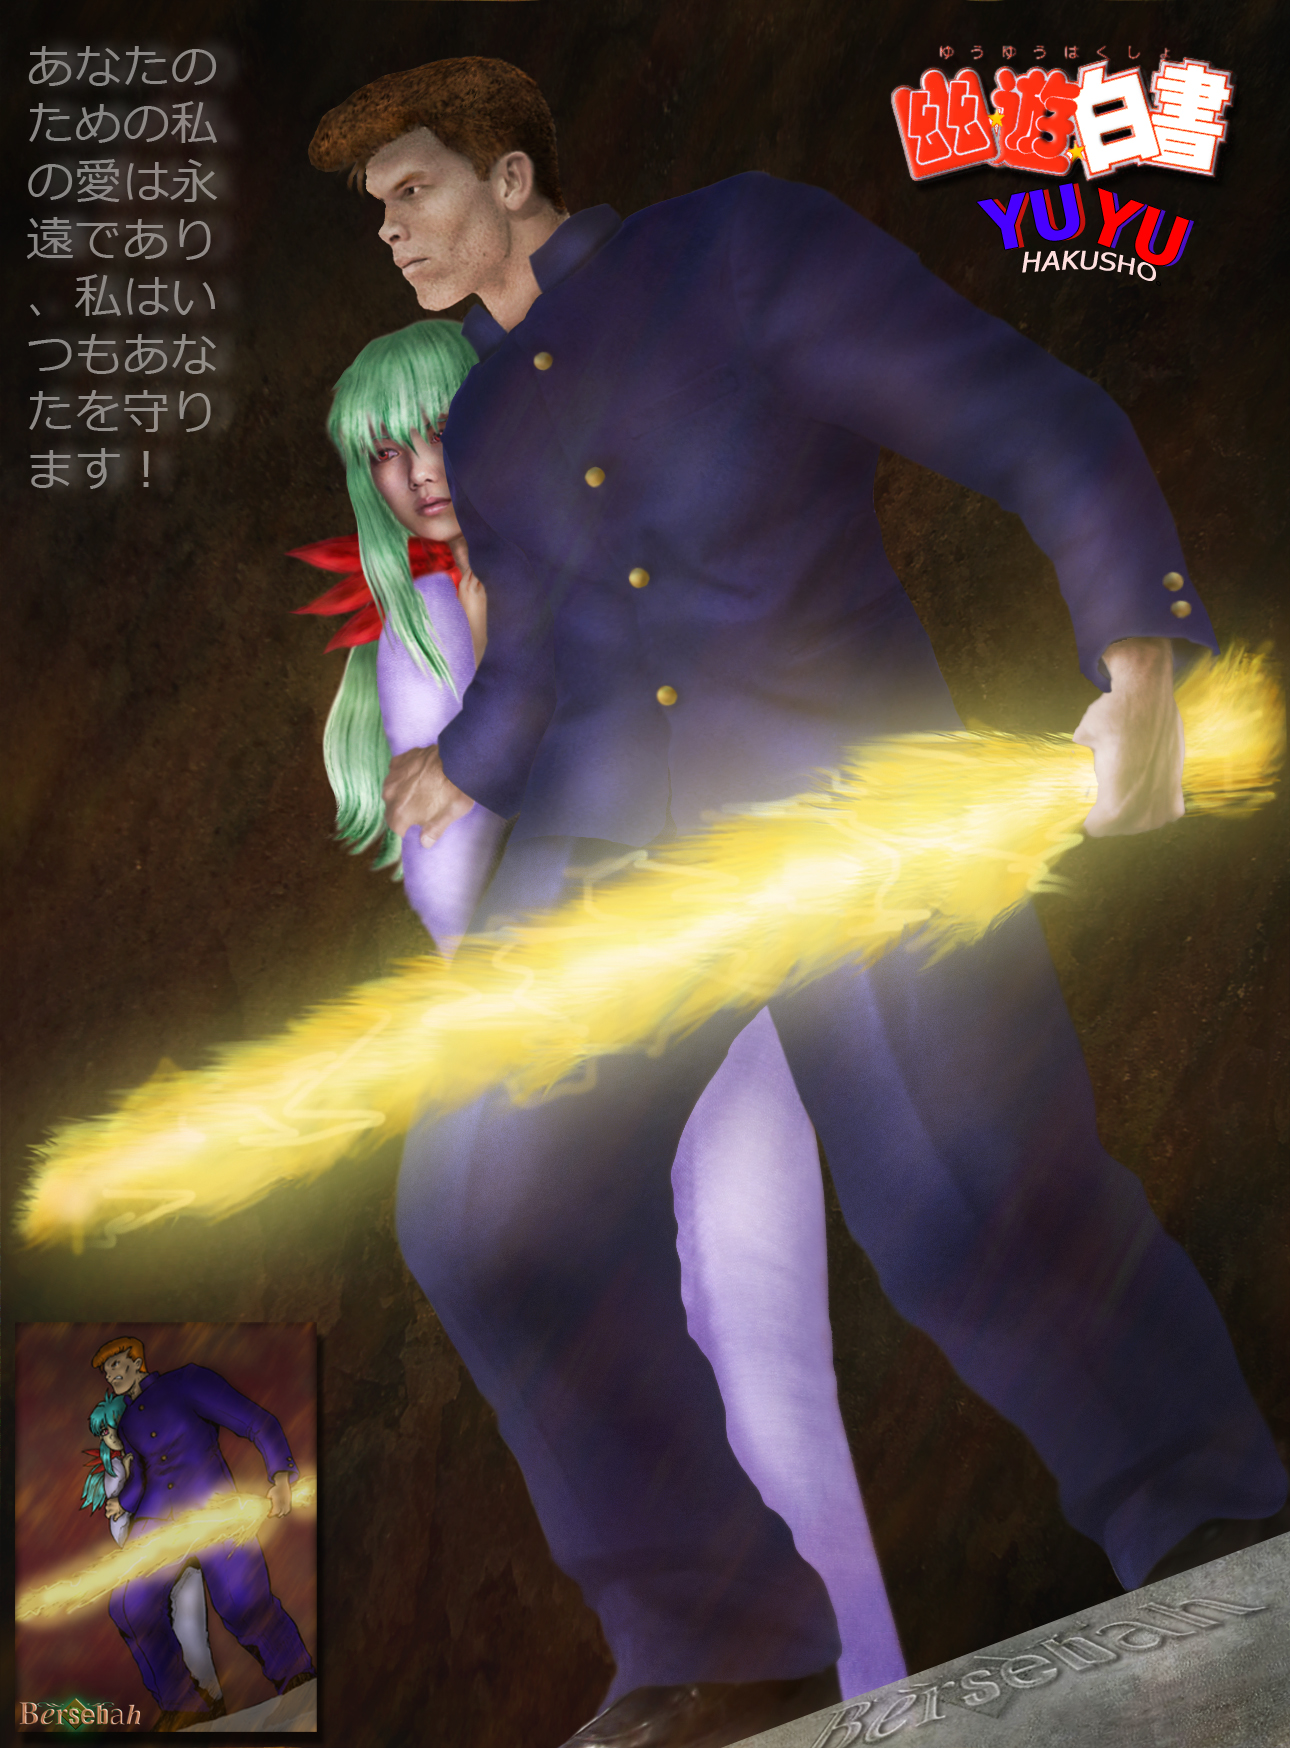 Kuwabara - Kazuma